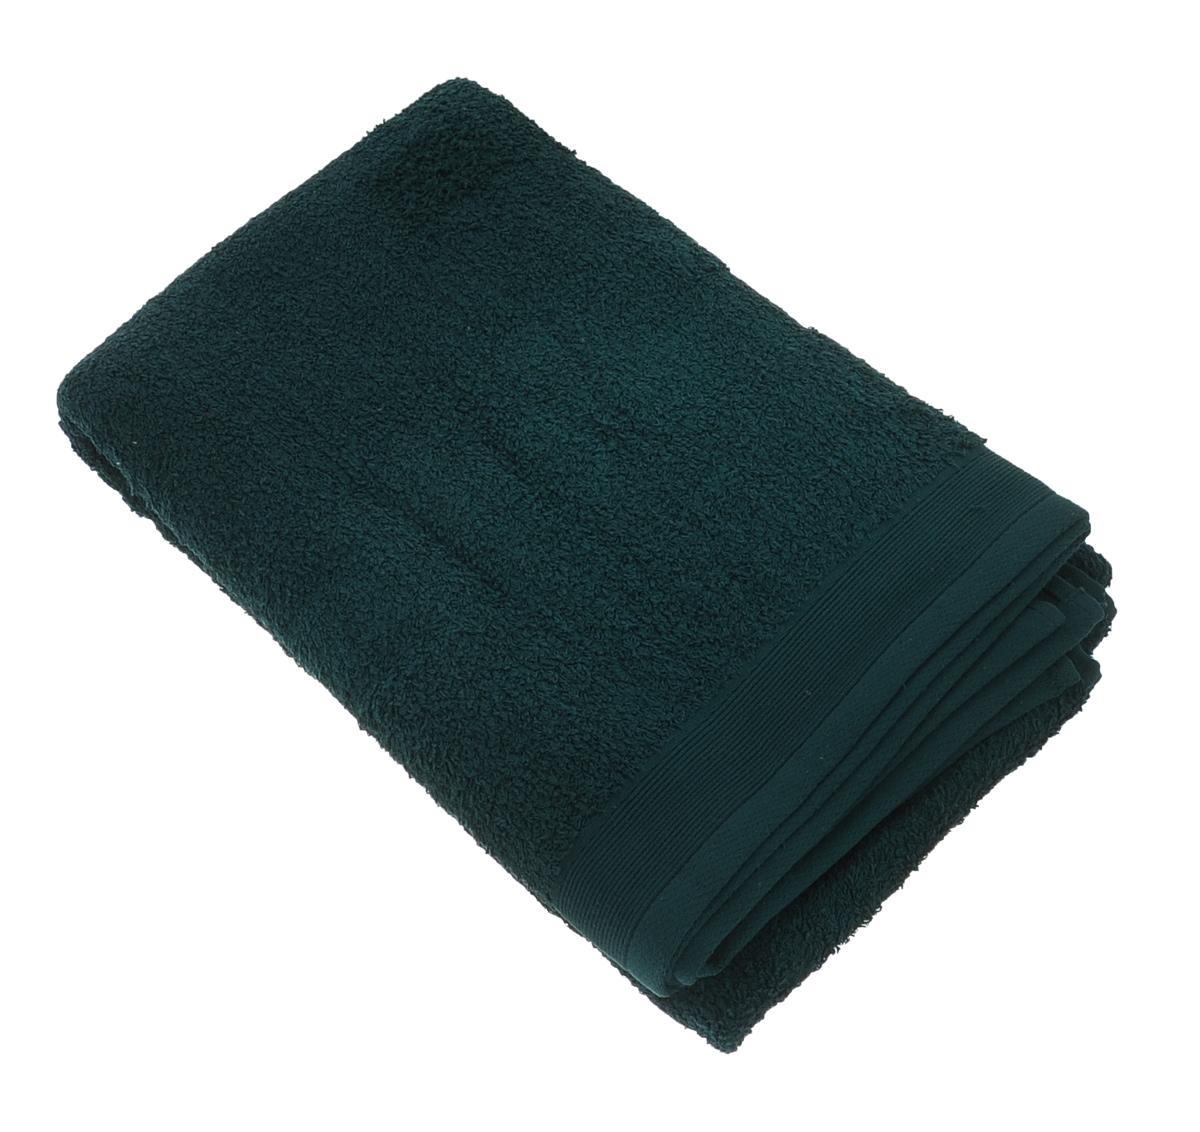 Полотенце махровое Guten Morgen, цвет: темно-зеленый, 100 х 150 смПМи-100-150Махровое полотенце Guten Morgen, изготовленное из натурального хлопка, прекрасно впитывает влагу и быстро сохнет. Высокая плотность ткани делает полотенце мягкими, прочными и пушистыми. При соблюдении рекомендаций по уходу изделие сохраняет яркость цвета и не теряет форму даже после многократных стирок. Махровое полотенце Guten Morgen станет достойным выбором для вас и приятным подарком для ваших близких. Мягкость и высокое качество материала, из которого изготовлено полотенце, не оставит вас равнодушными.